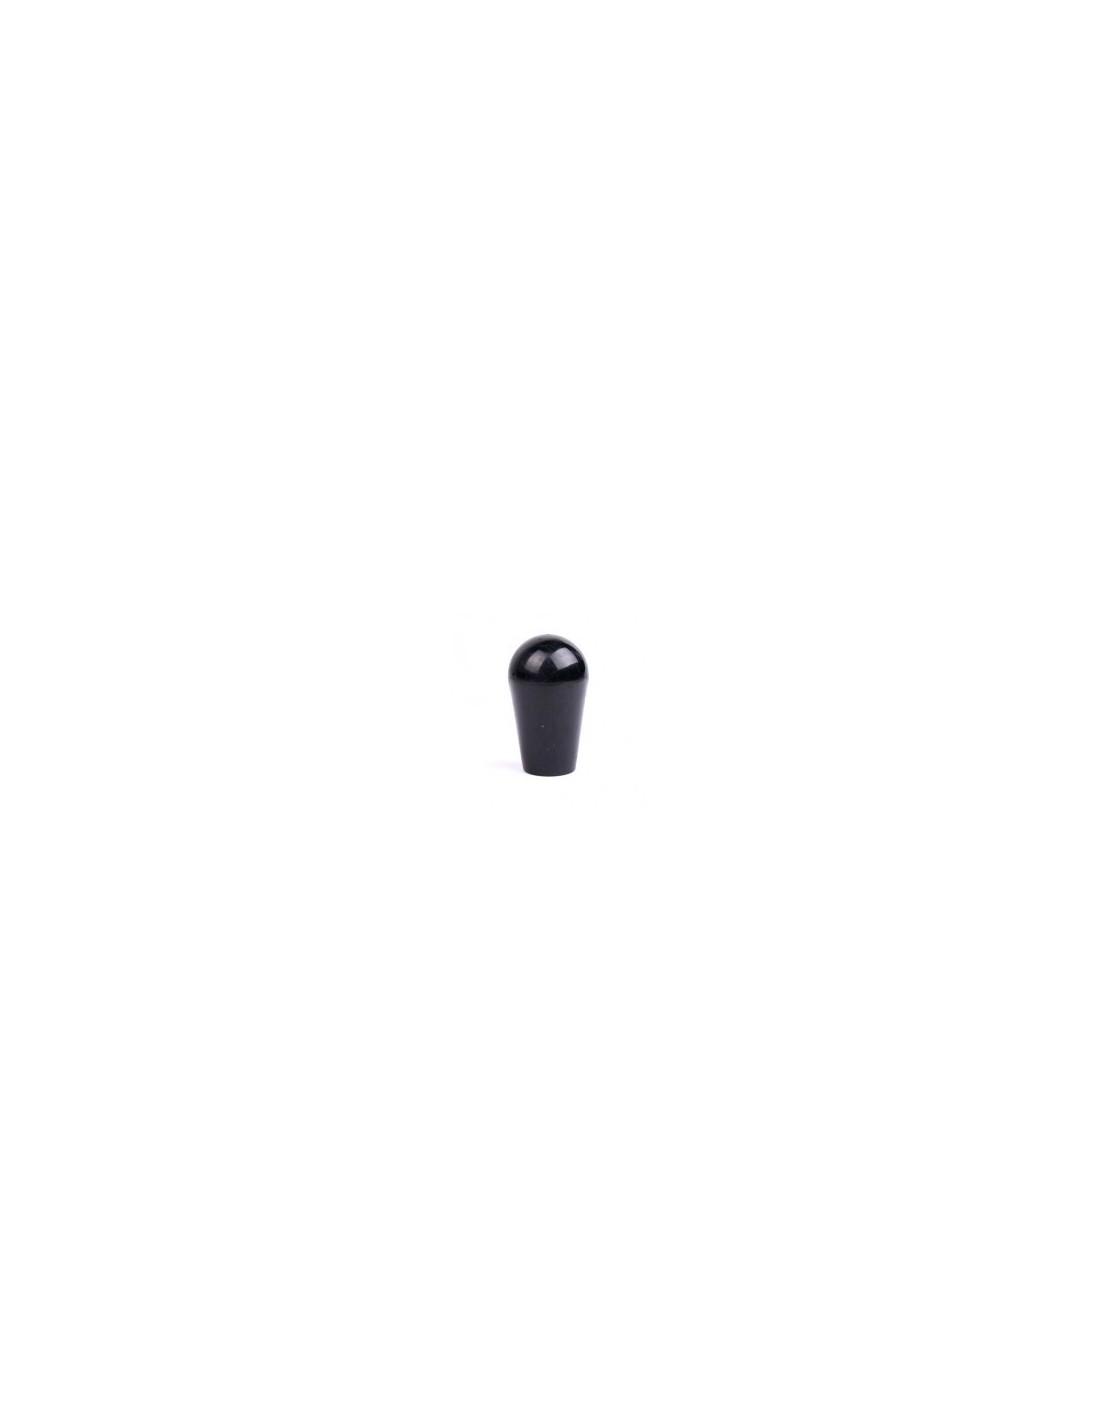 KOH01066 - Tapphandtag svart kort